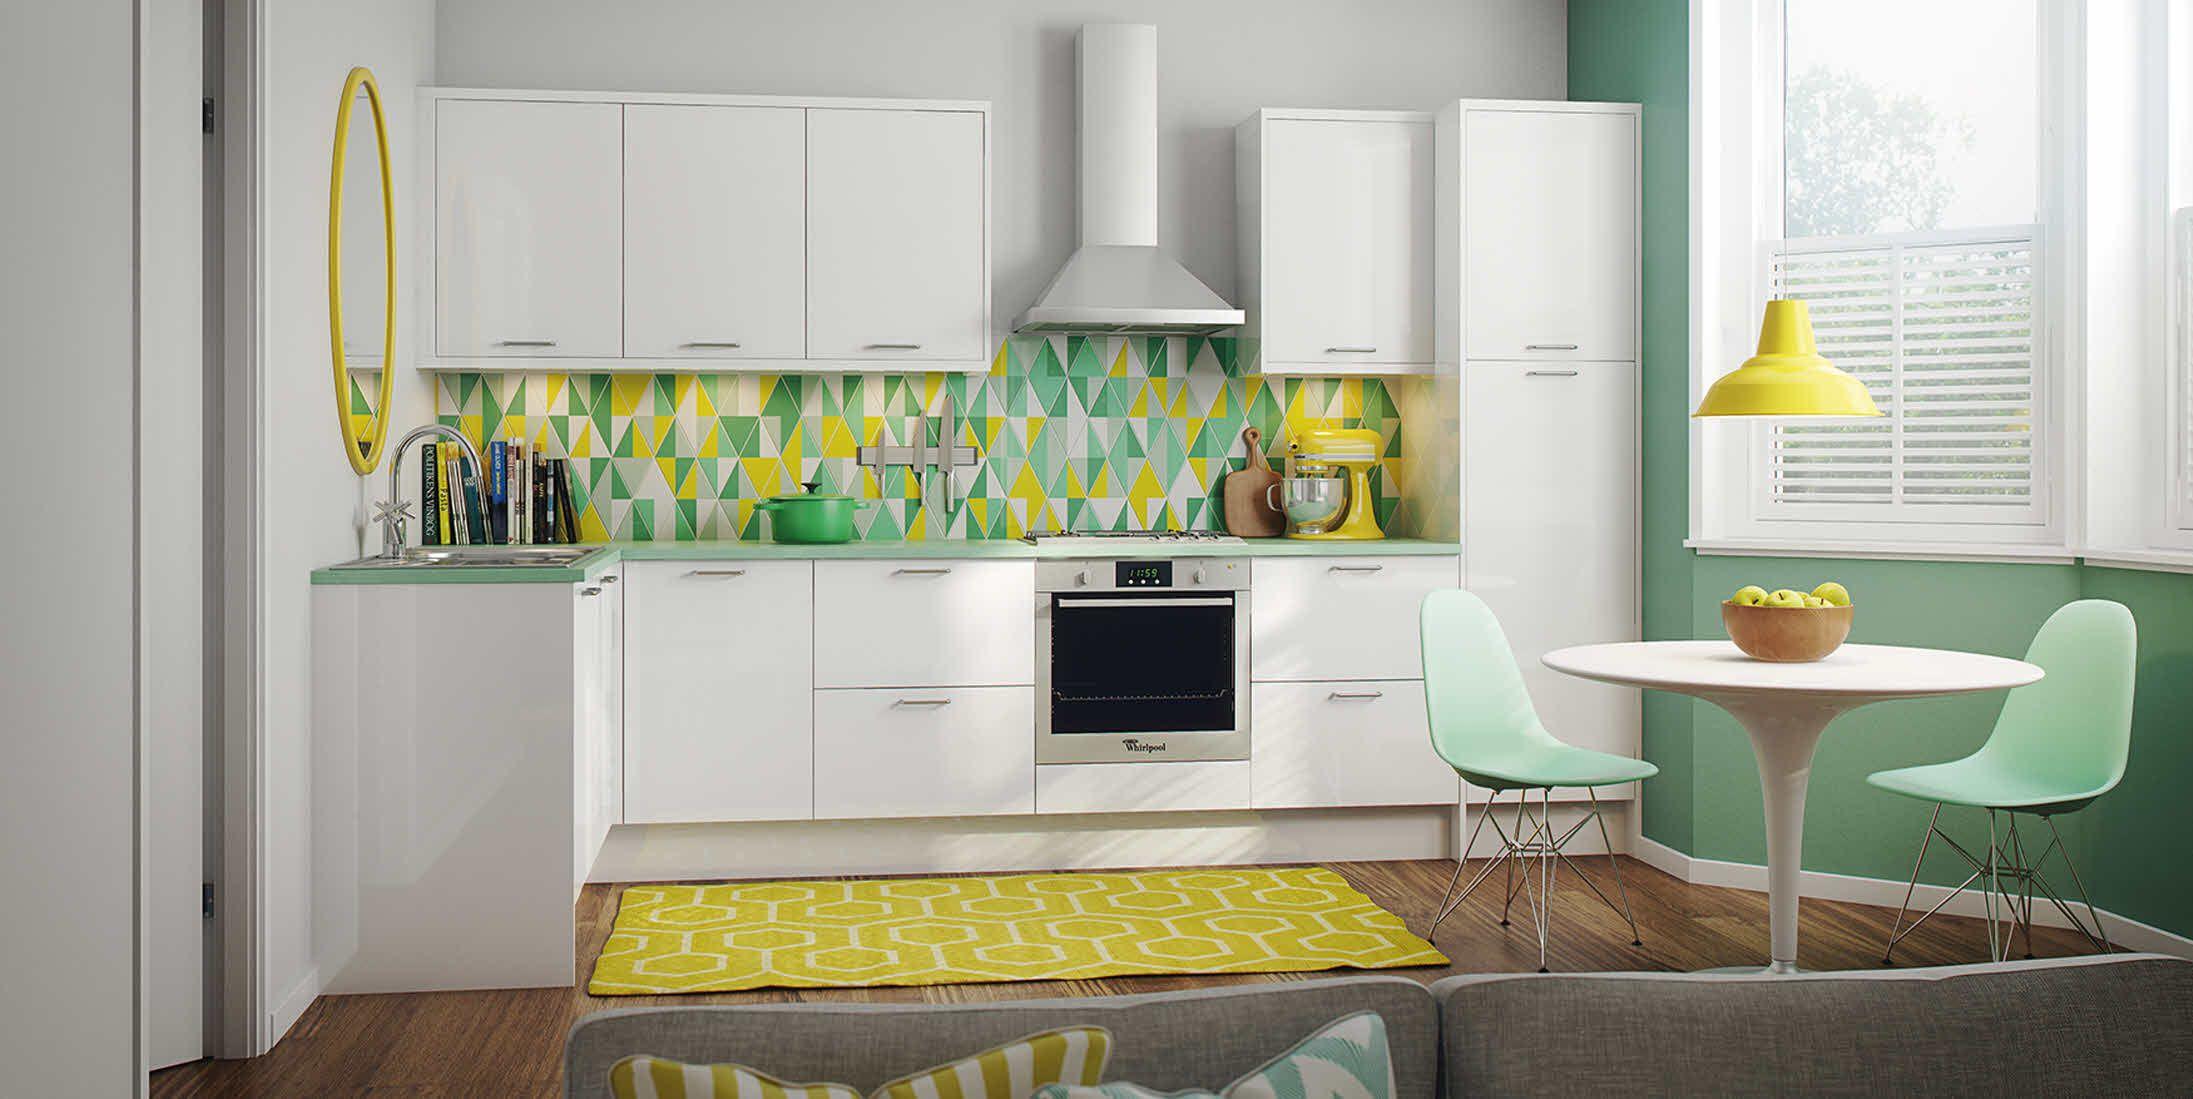 Slab kitchen cabinets  Gloss White Slab  kitchen diner  Pinterest  Kitchens